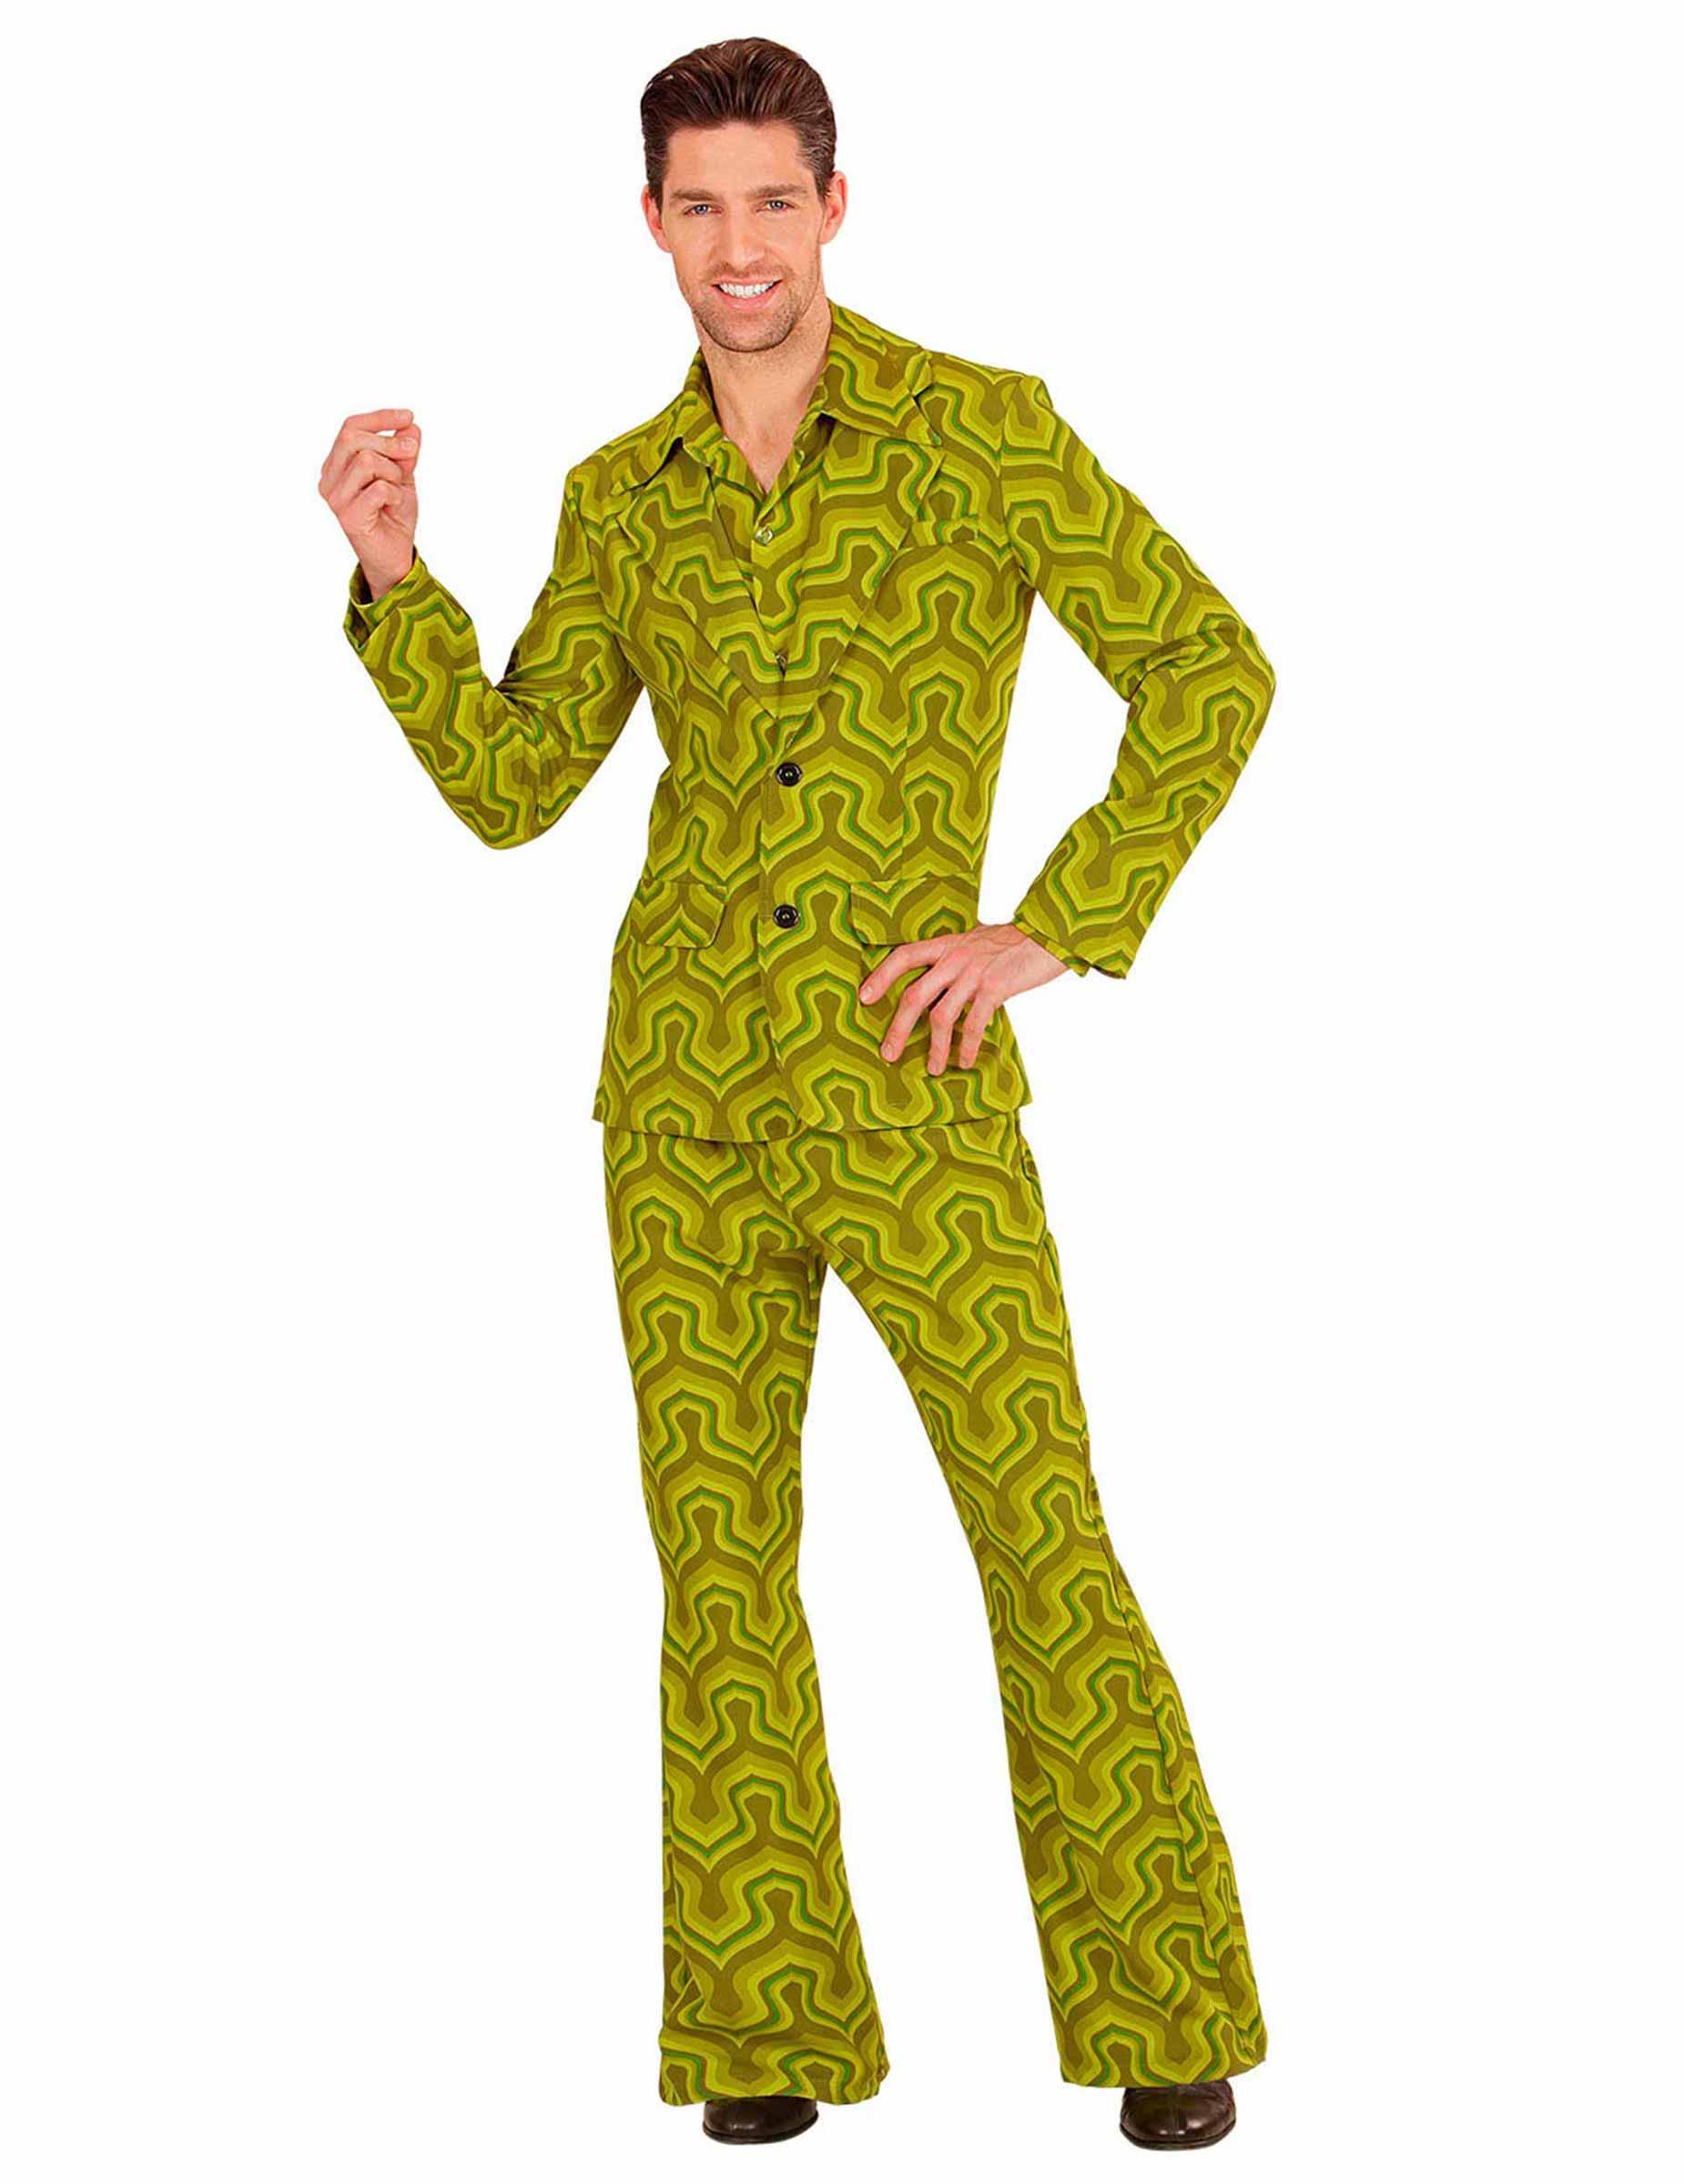 D guisement groovy vert ann es 70 homme deguise toi achat de d guisements adultes - Annee 70 homme ...